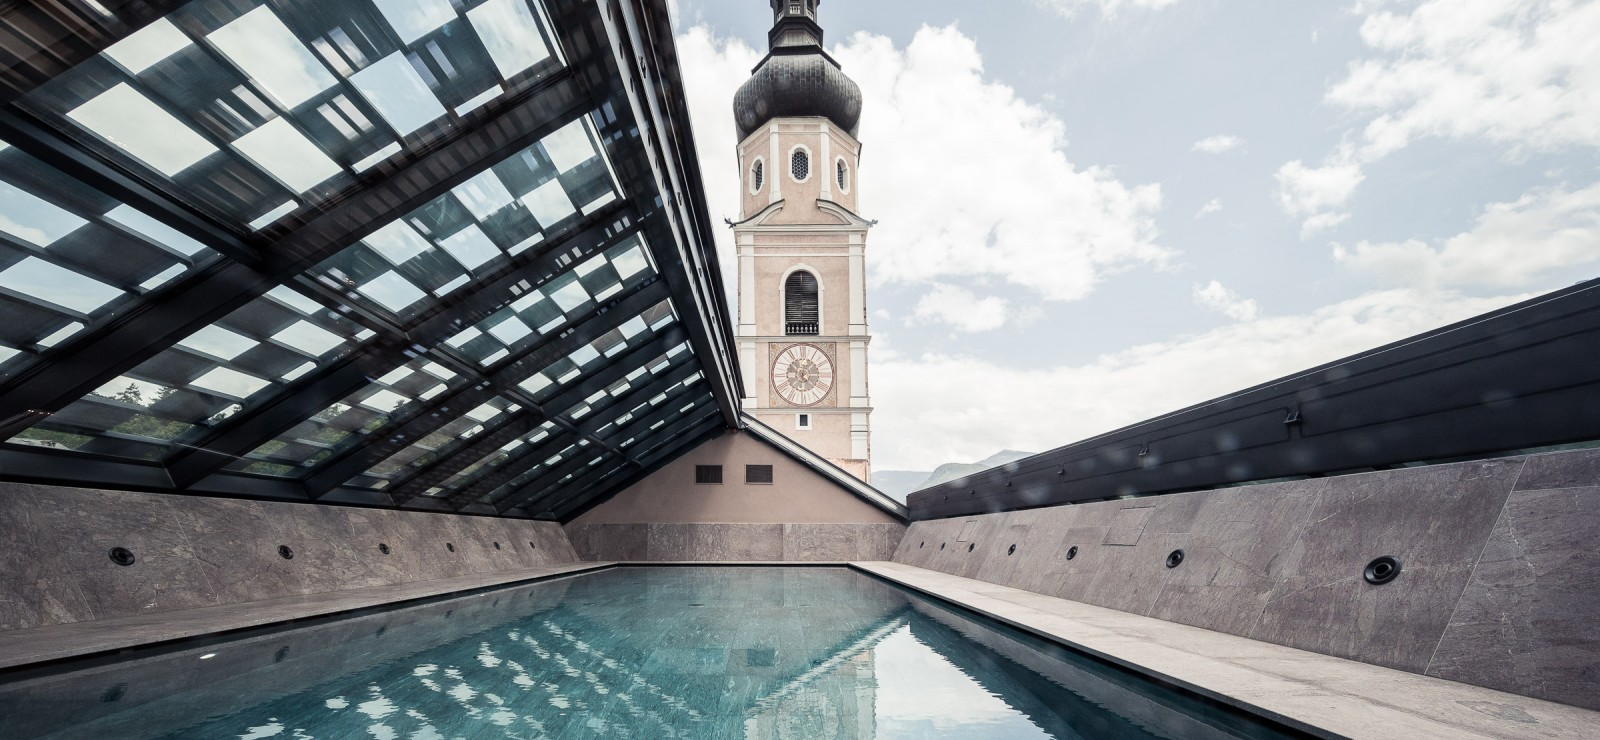 Hotel Lamm Bilder | Bild 1